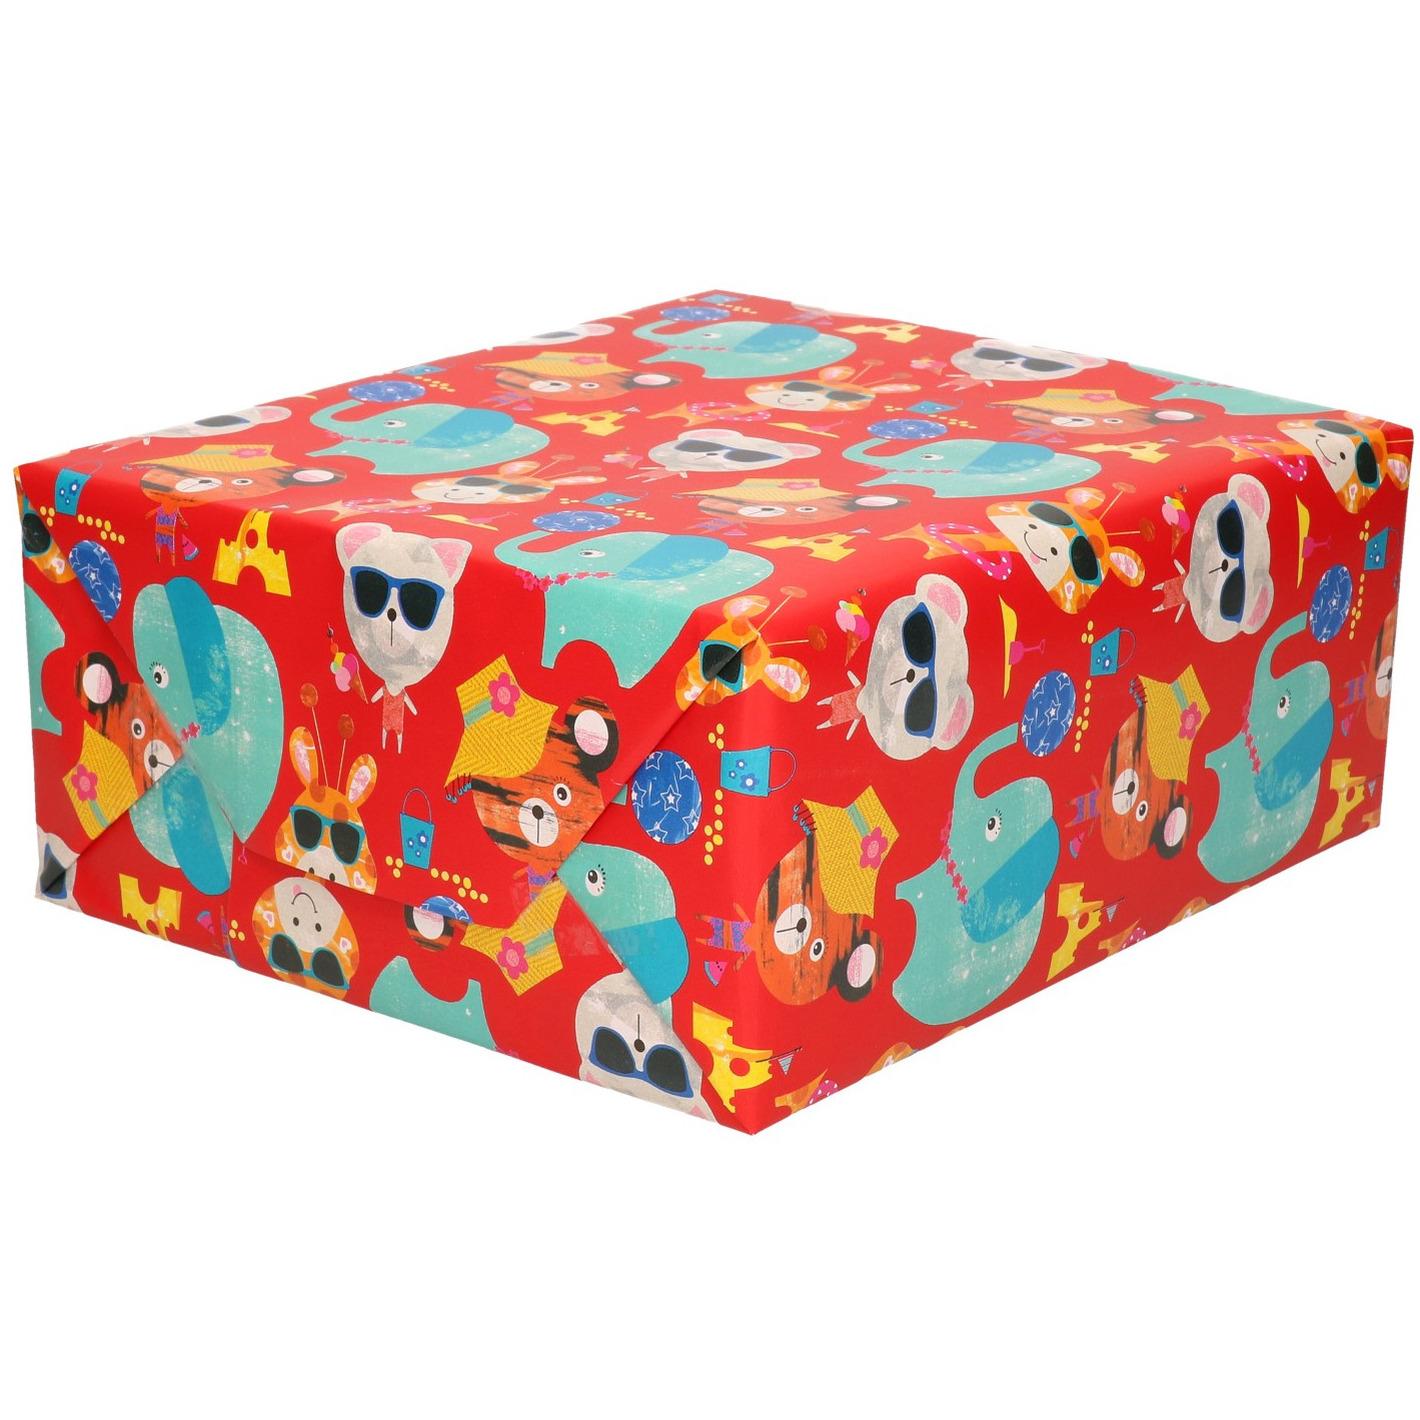 Rol kinderverjaardag inpakpapier met olifanten en poezen 200 x 70 cm